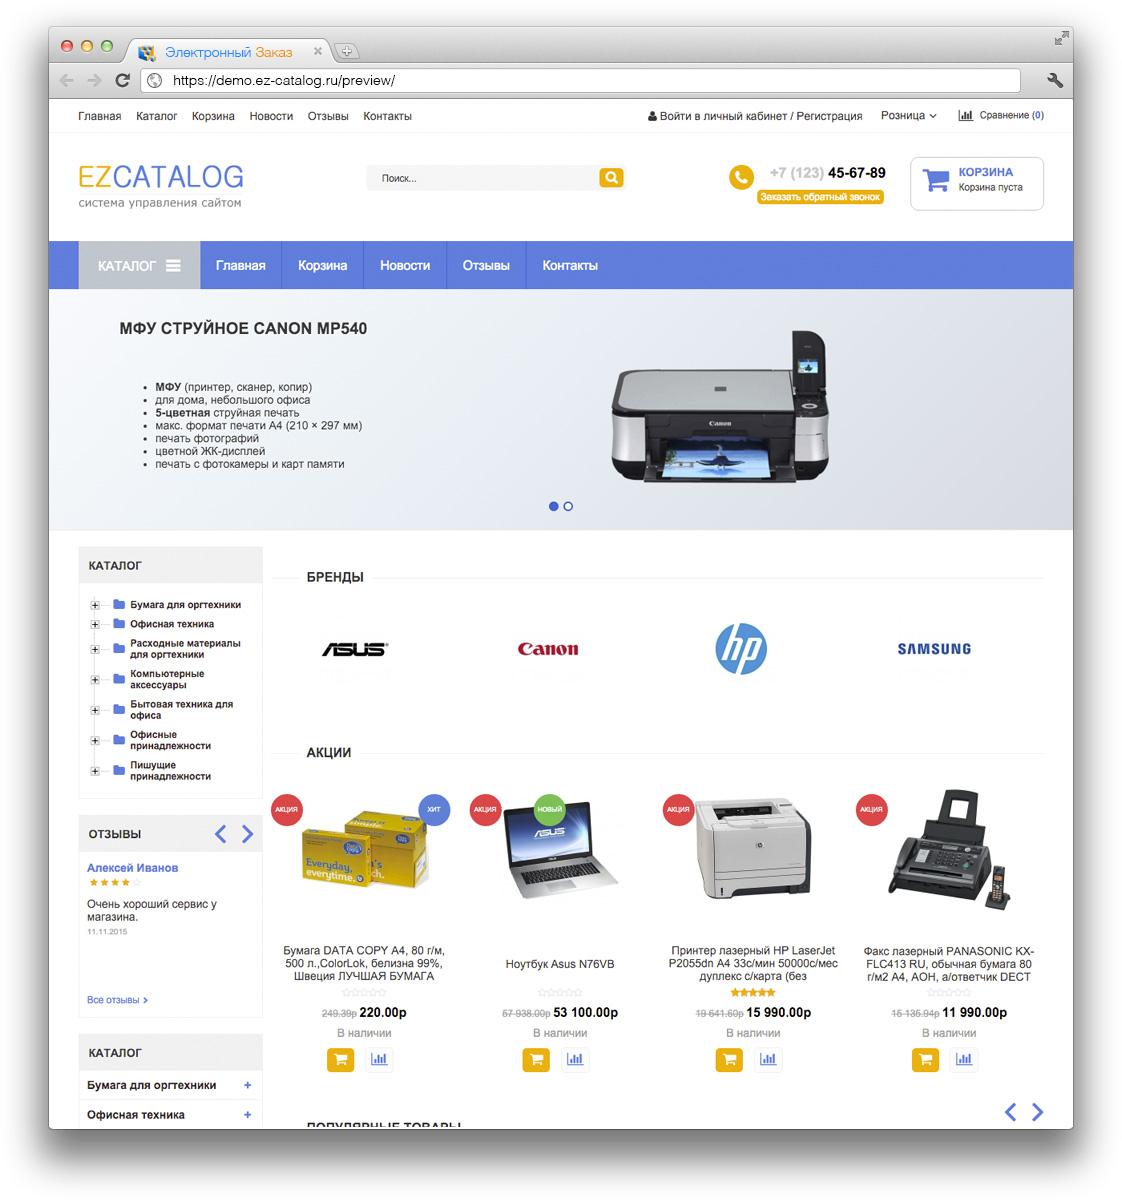 9d08d3e9bb7 Главная страница сайта с каталогом товаров ...